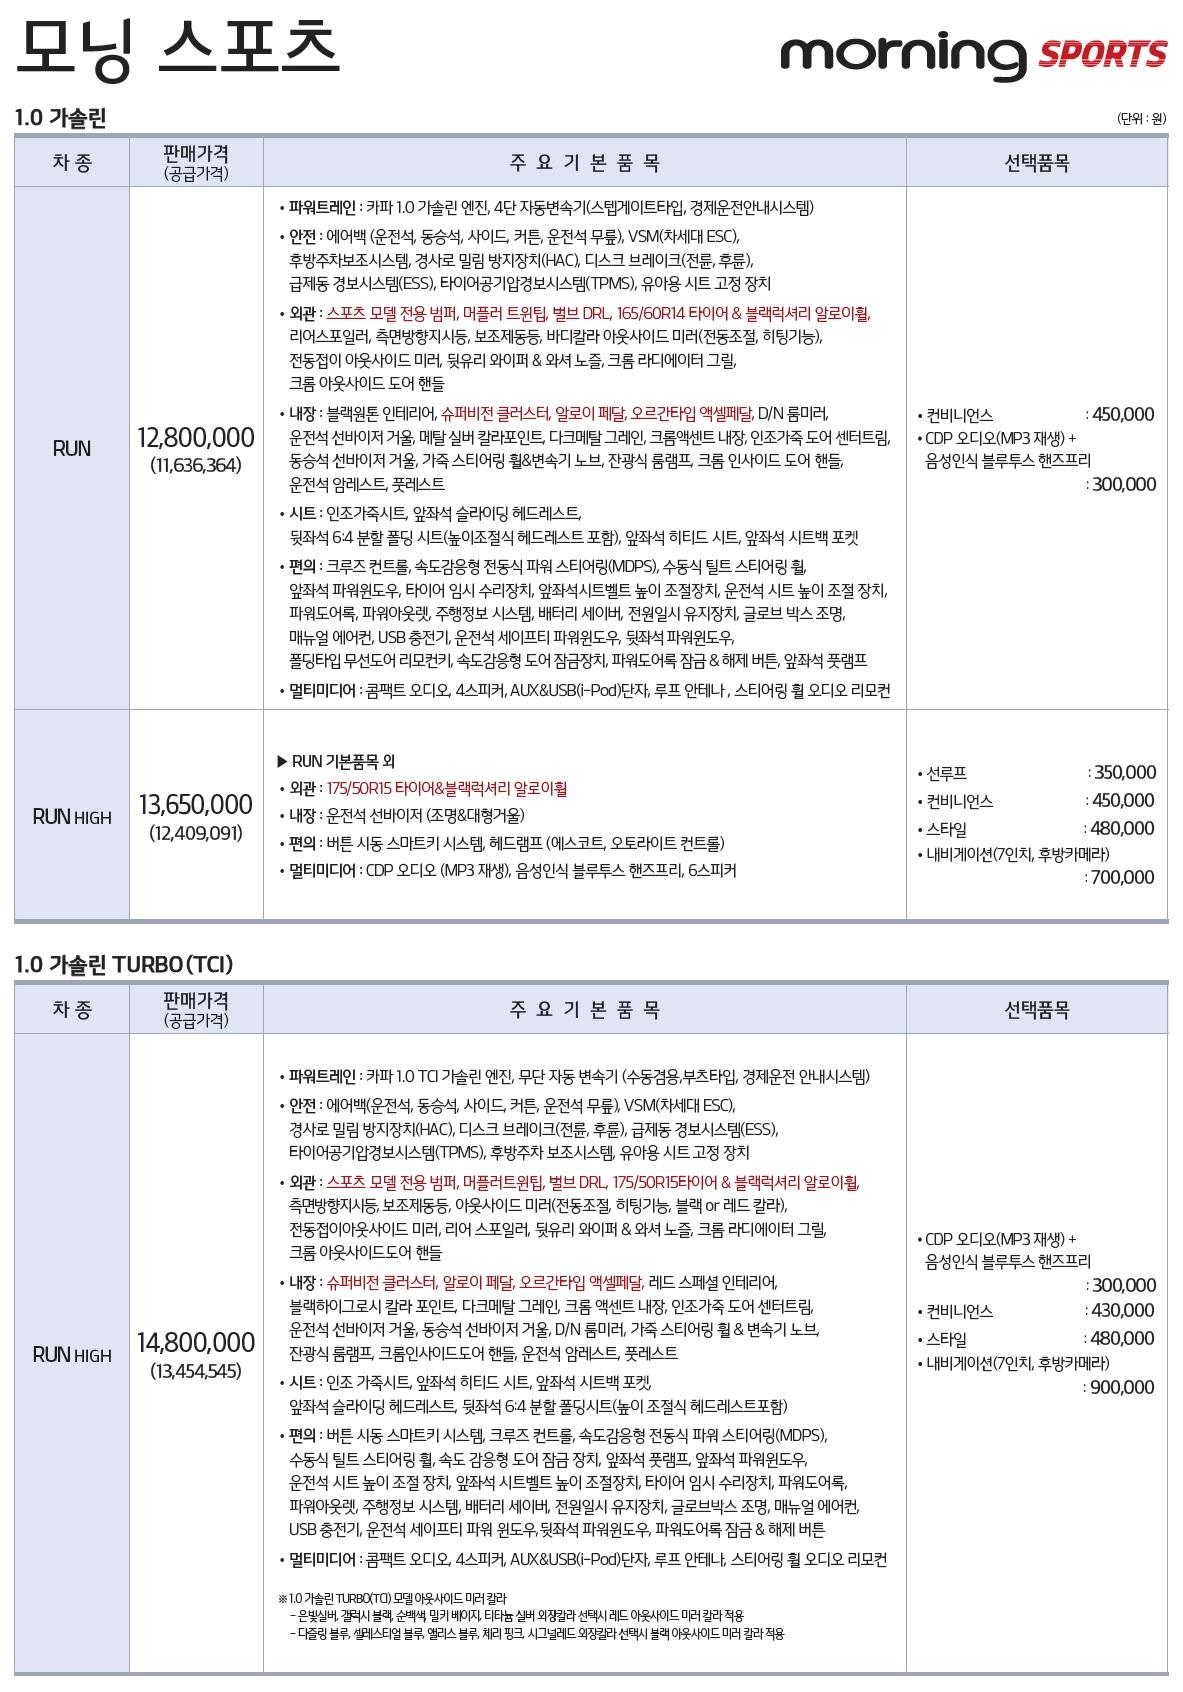 더뉴 모닝 가격표 - 2015년 08월 -3.jpg